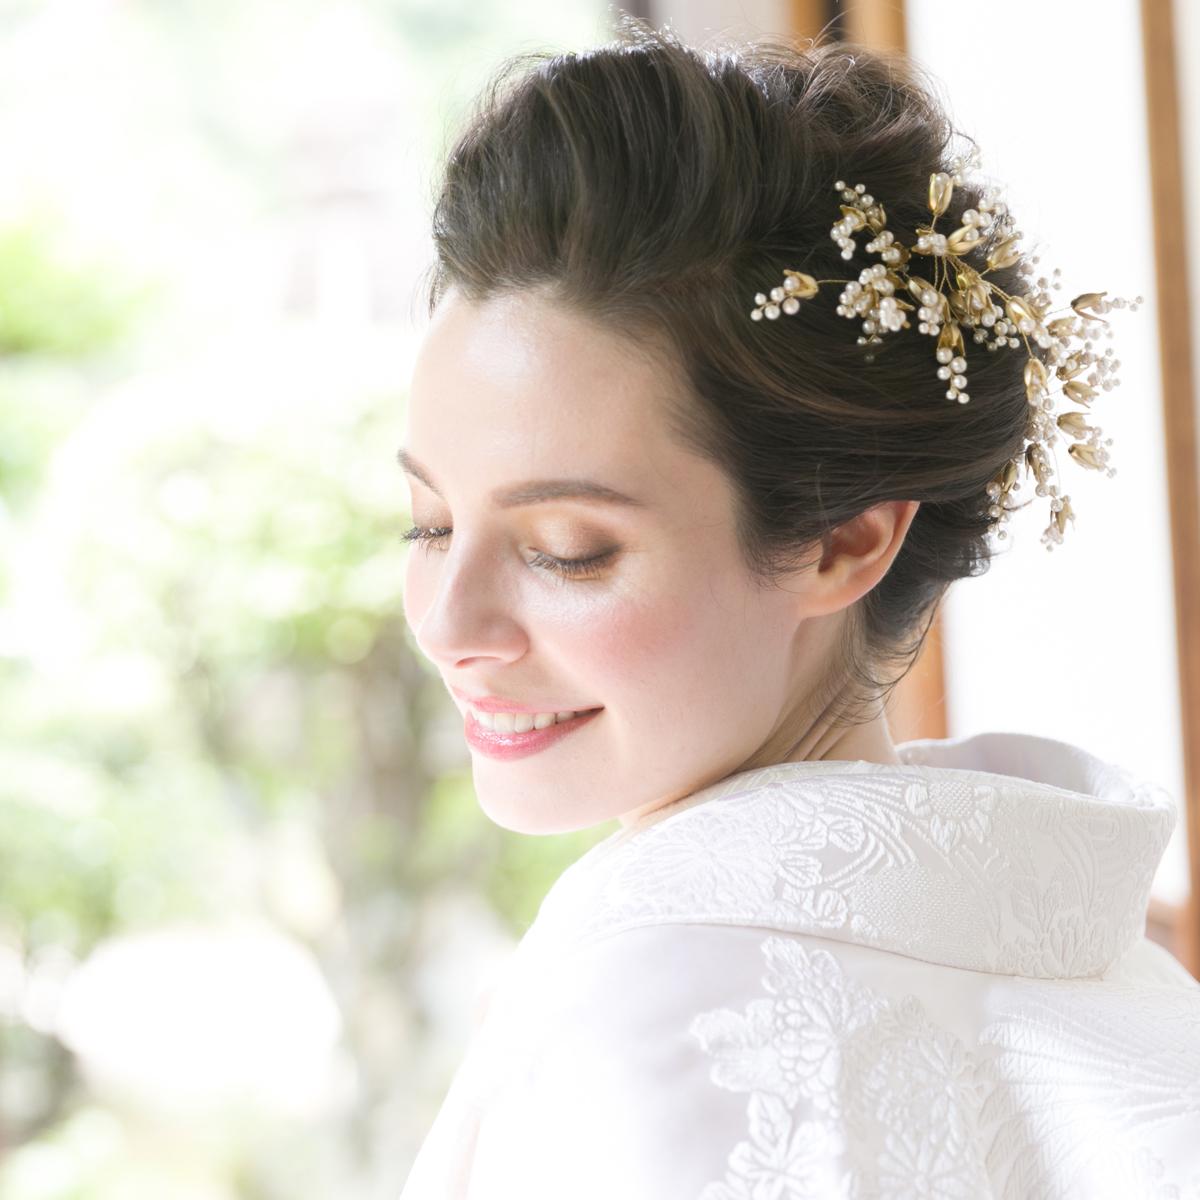 真珠の花が咲いたような可愛らしいヘッドピン